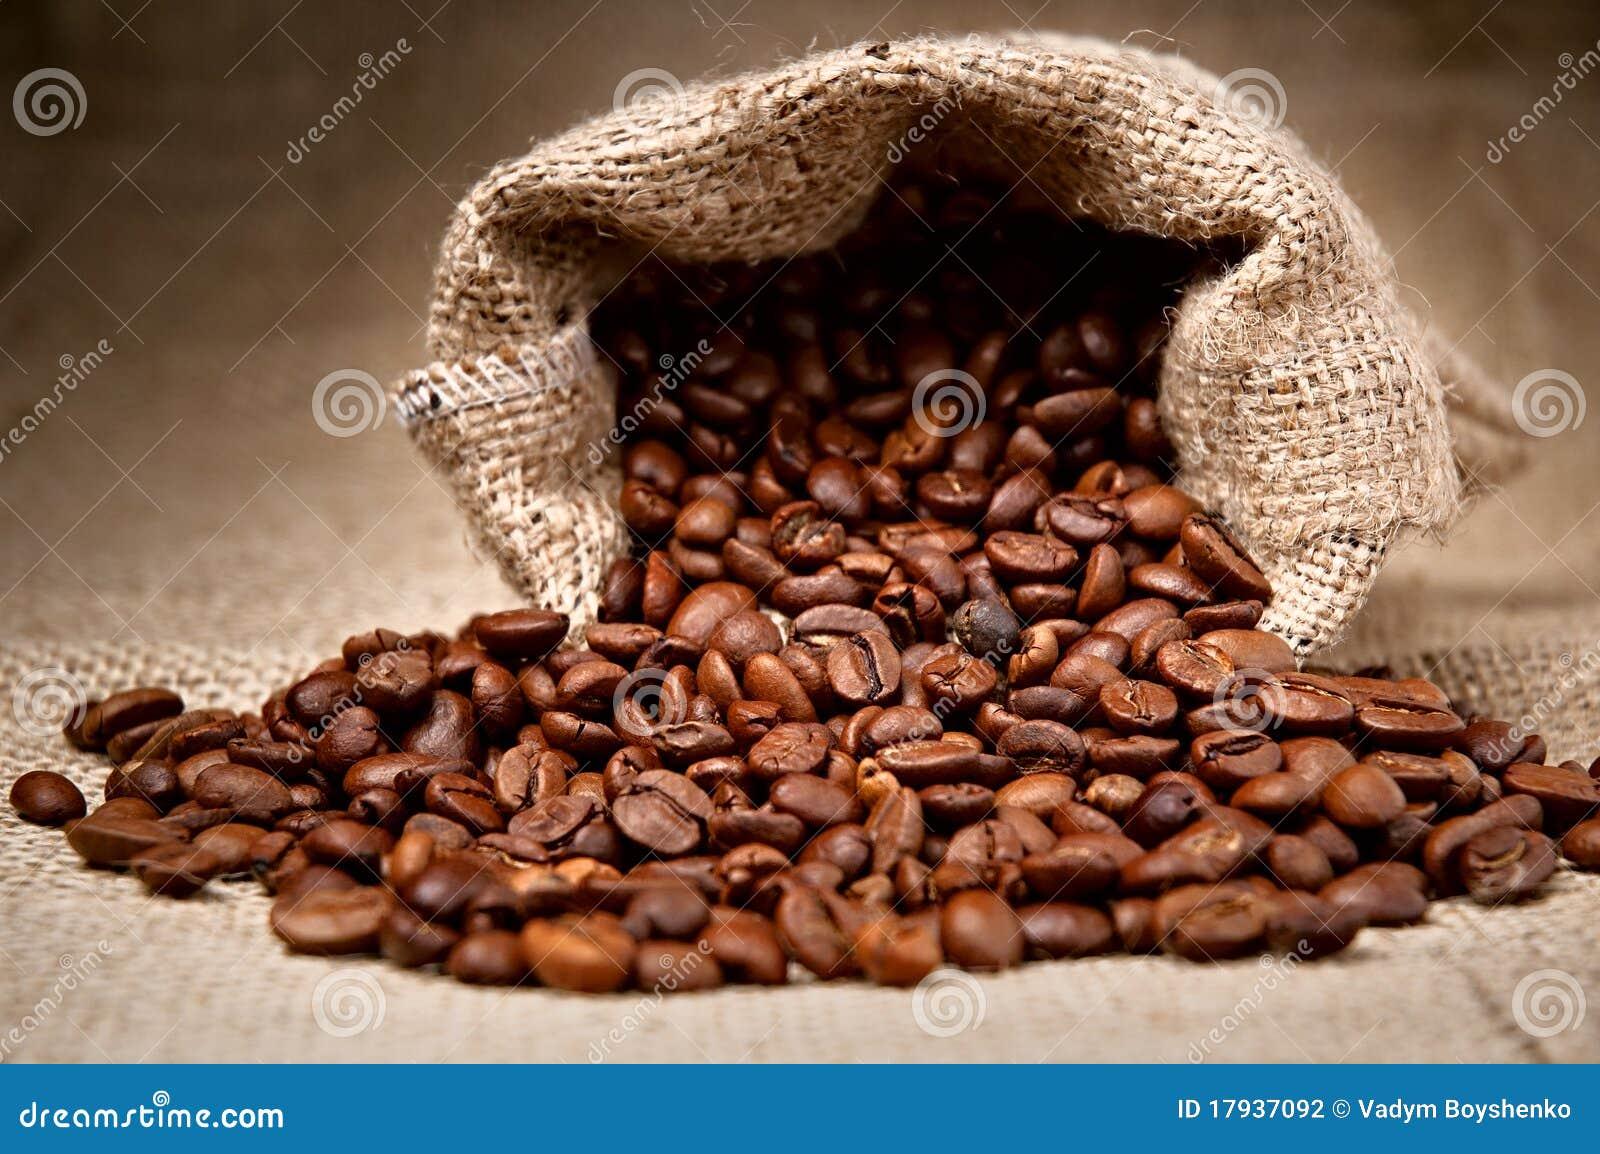 Extrêmement Grains De Café Dans Un Sac Photographie stock - Image: 17937092 YP21